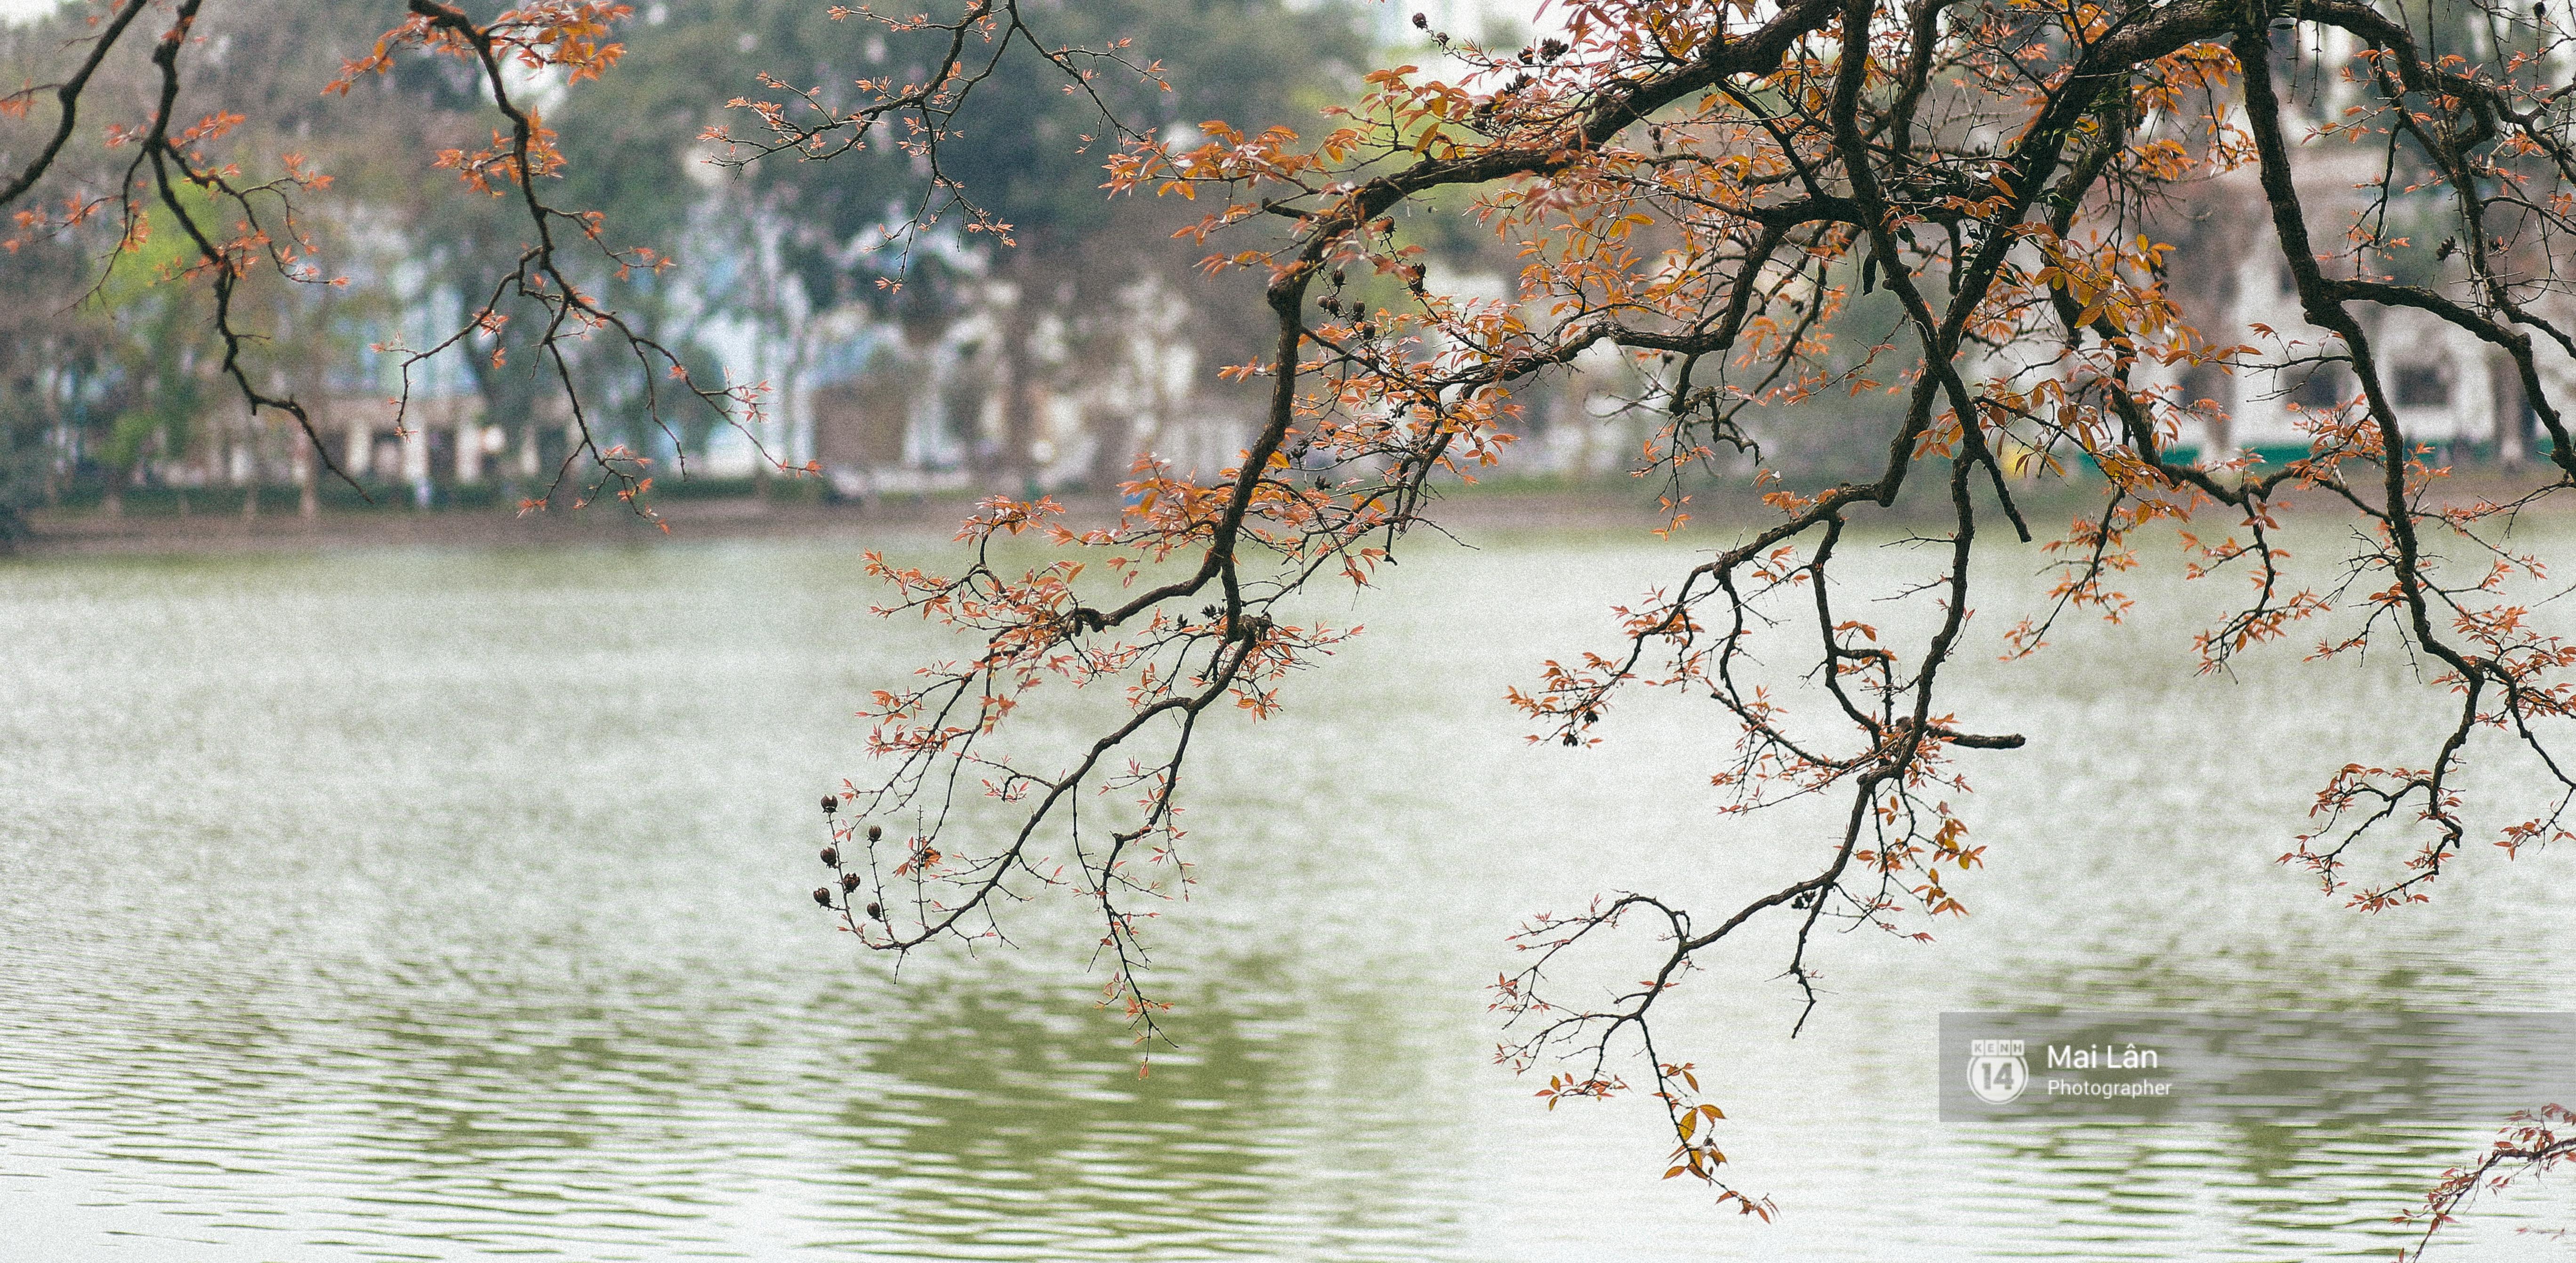 Hà Nội dịu dàng và xinh đẹp hơn trong sắc vàng của mùa cây thay lá